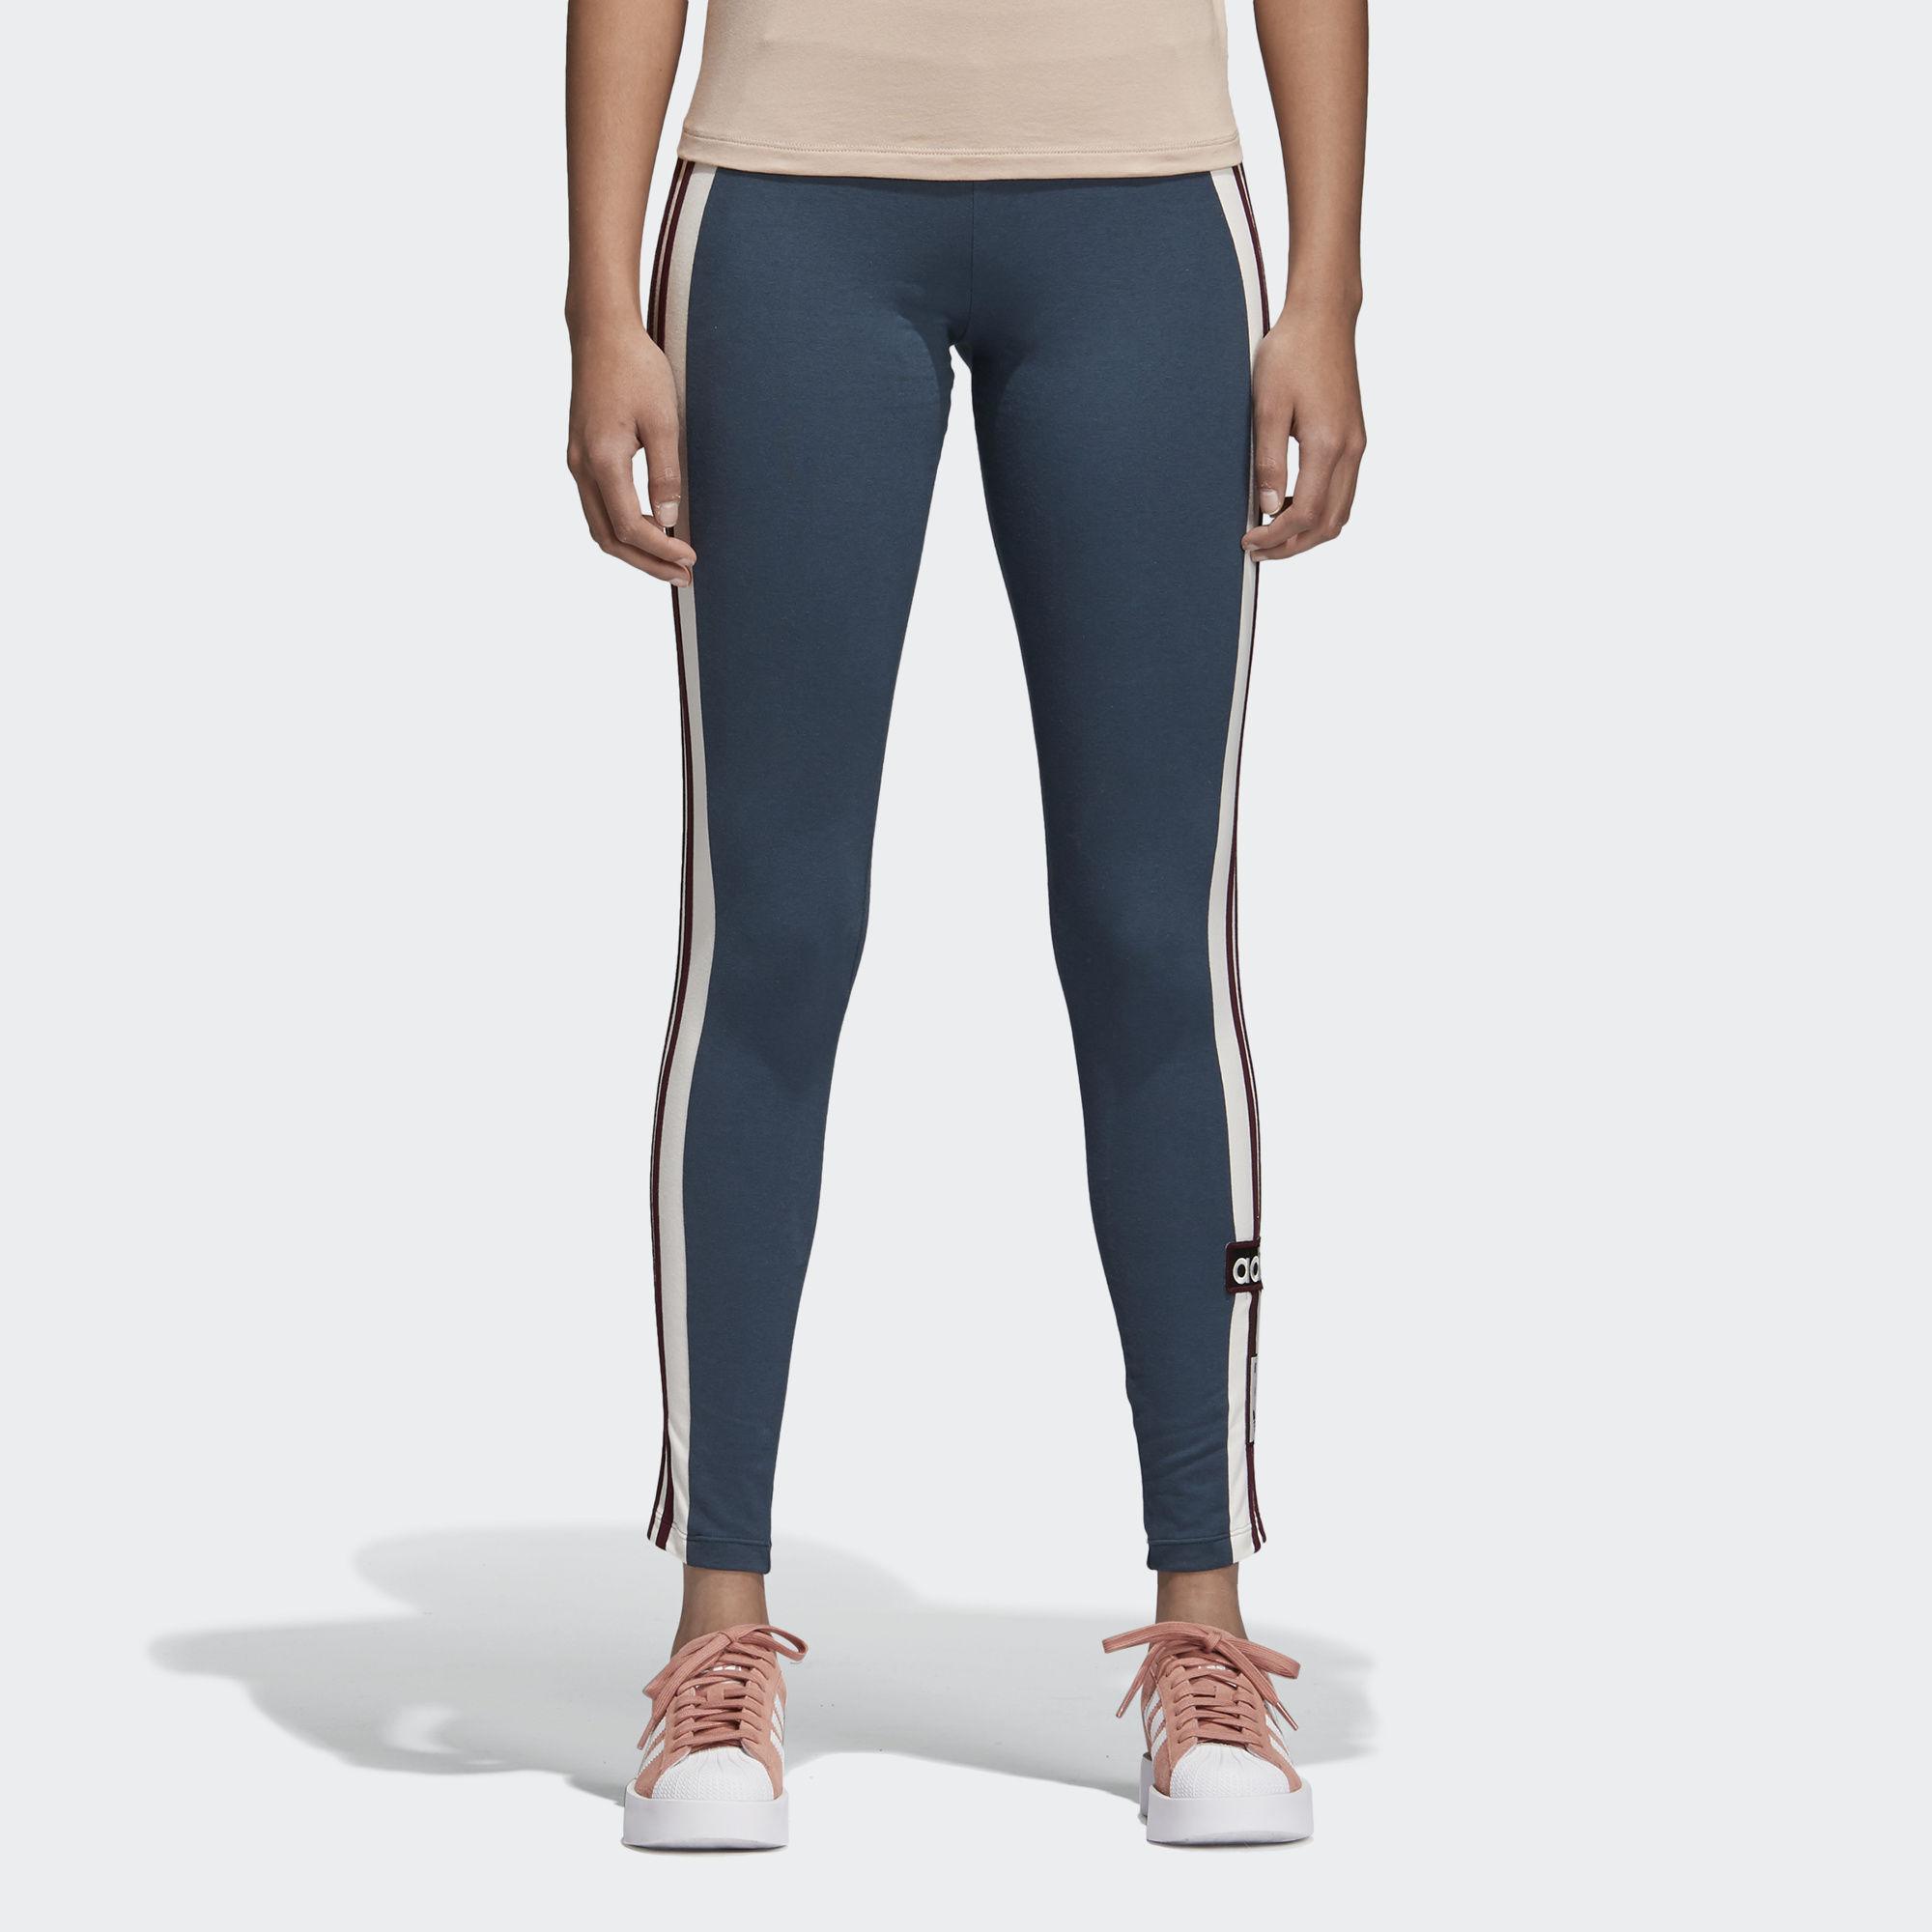 Леггинсы женские adidas Adibreak Tight, цвет: синий. CE0989. Размер 38 (46) леггинсы женские adidas leggings цвет черный bj8360 размер 40 46 48